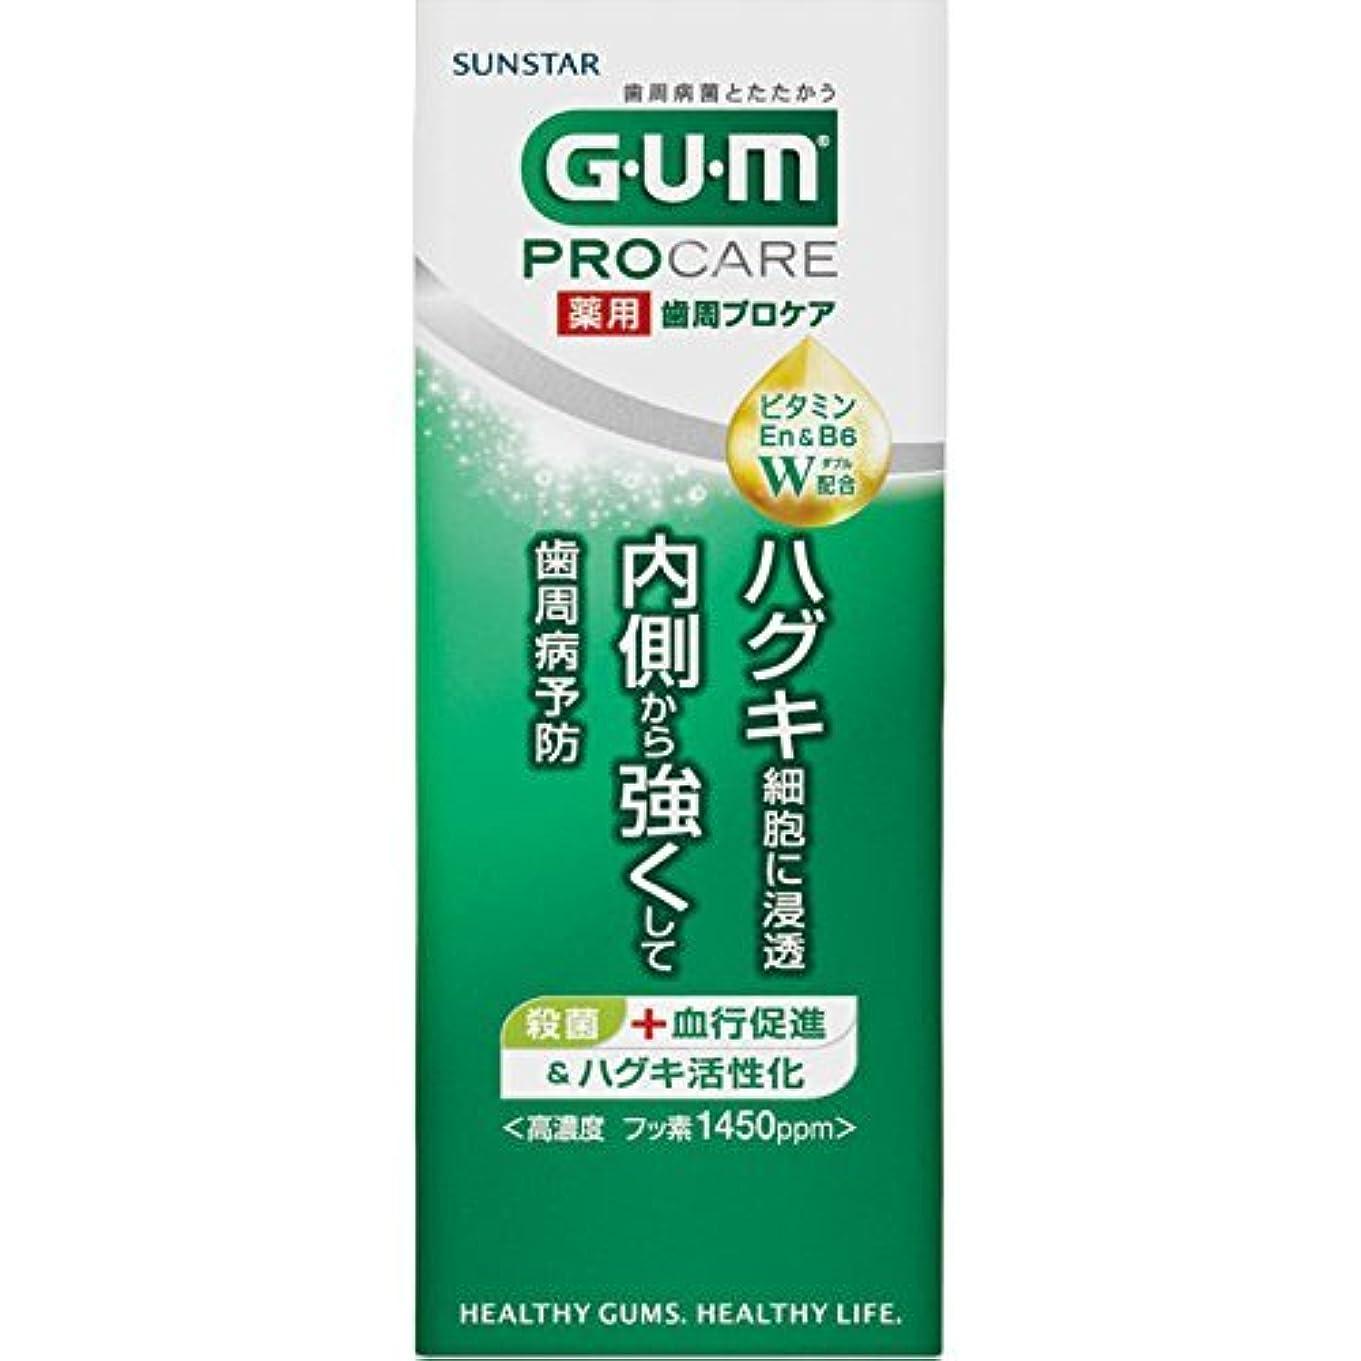 残酷再現する香水[医薬部外品] GUM(ガム) 歯周プロケア 歯みがき ミニサイズ トライアル 50g <歯周病予防 ハグキケア 高濃度フッ素配合 1450ppm>